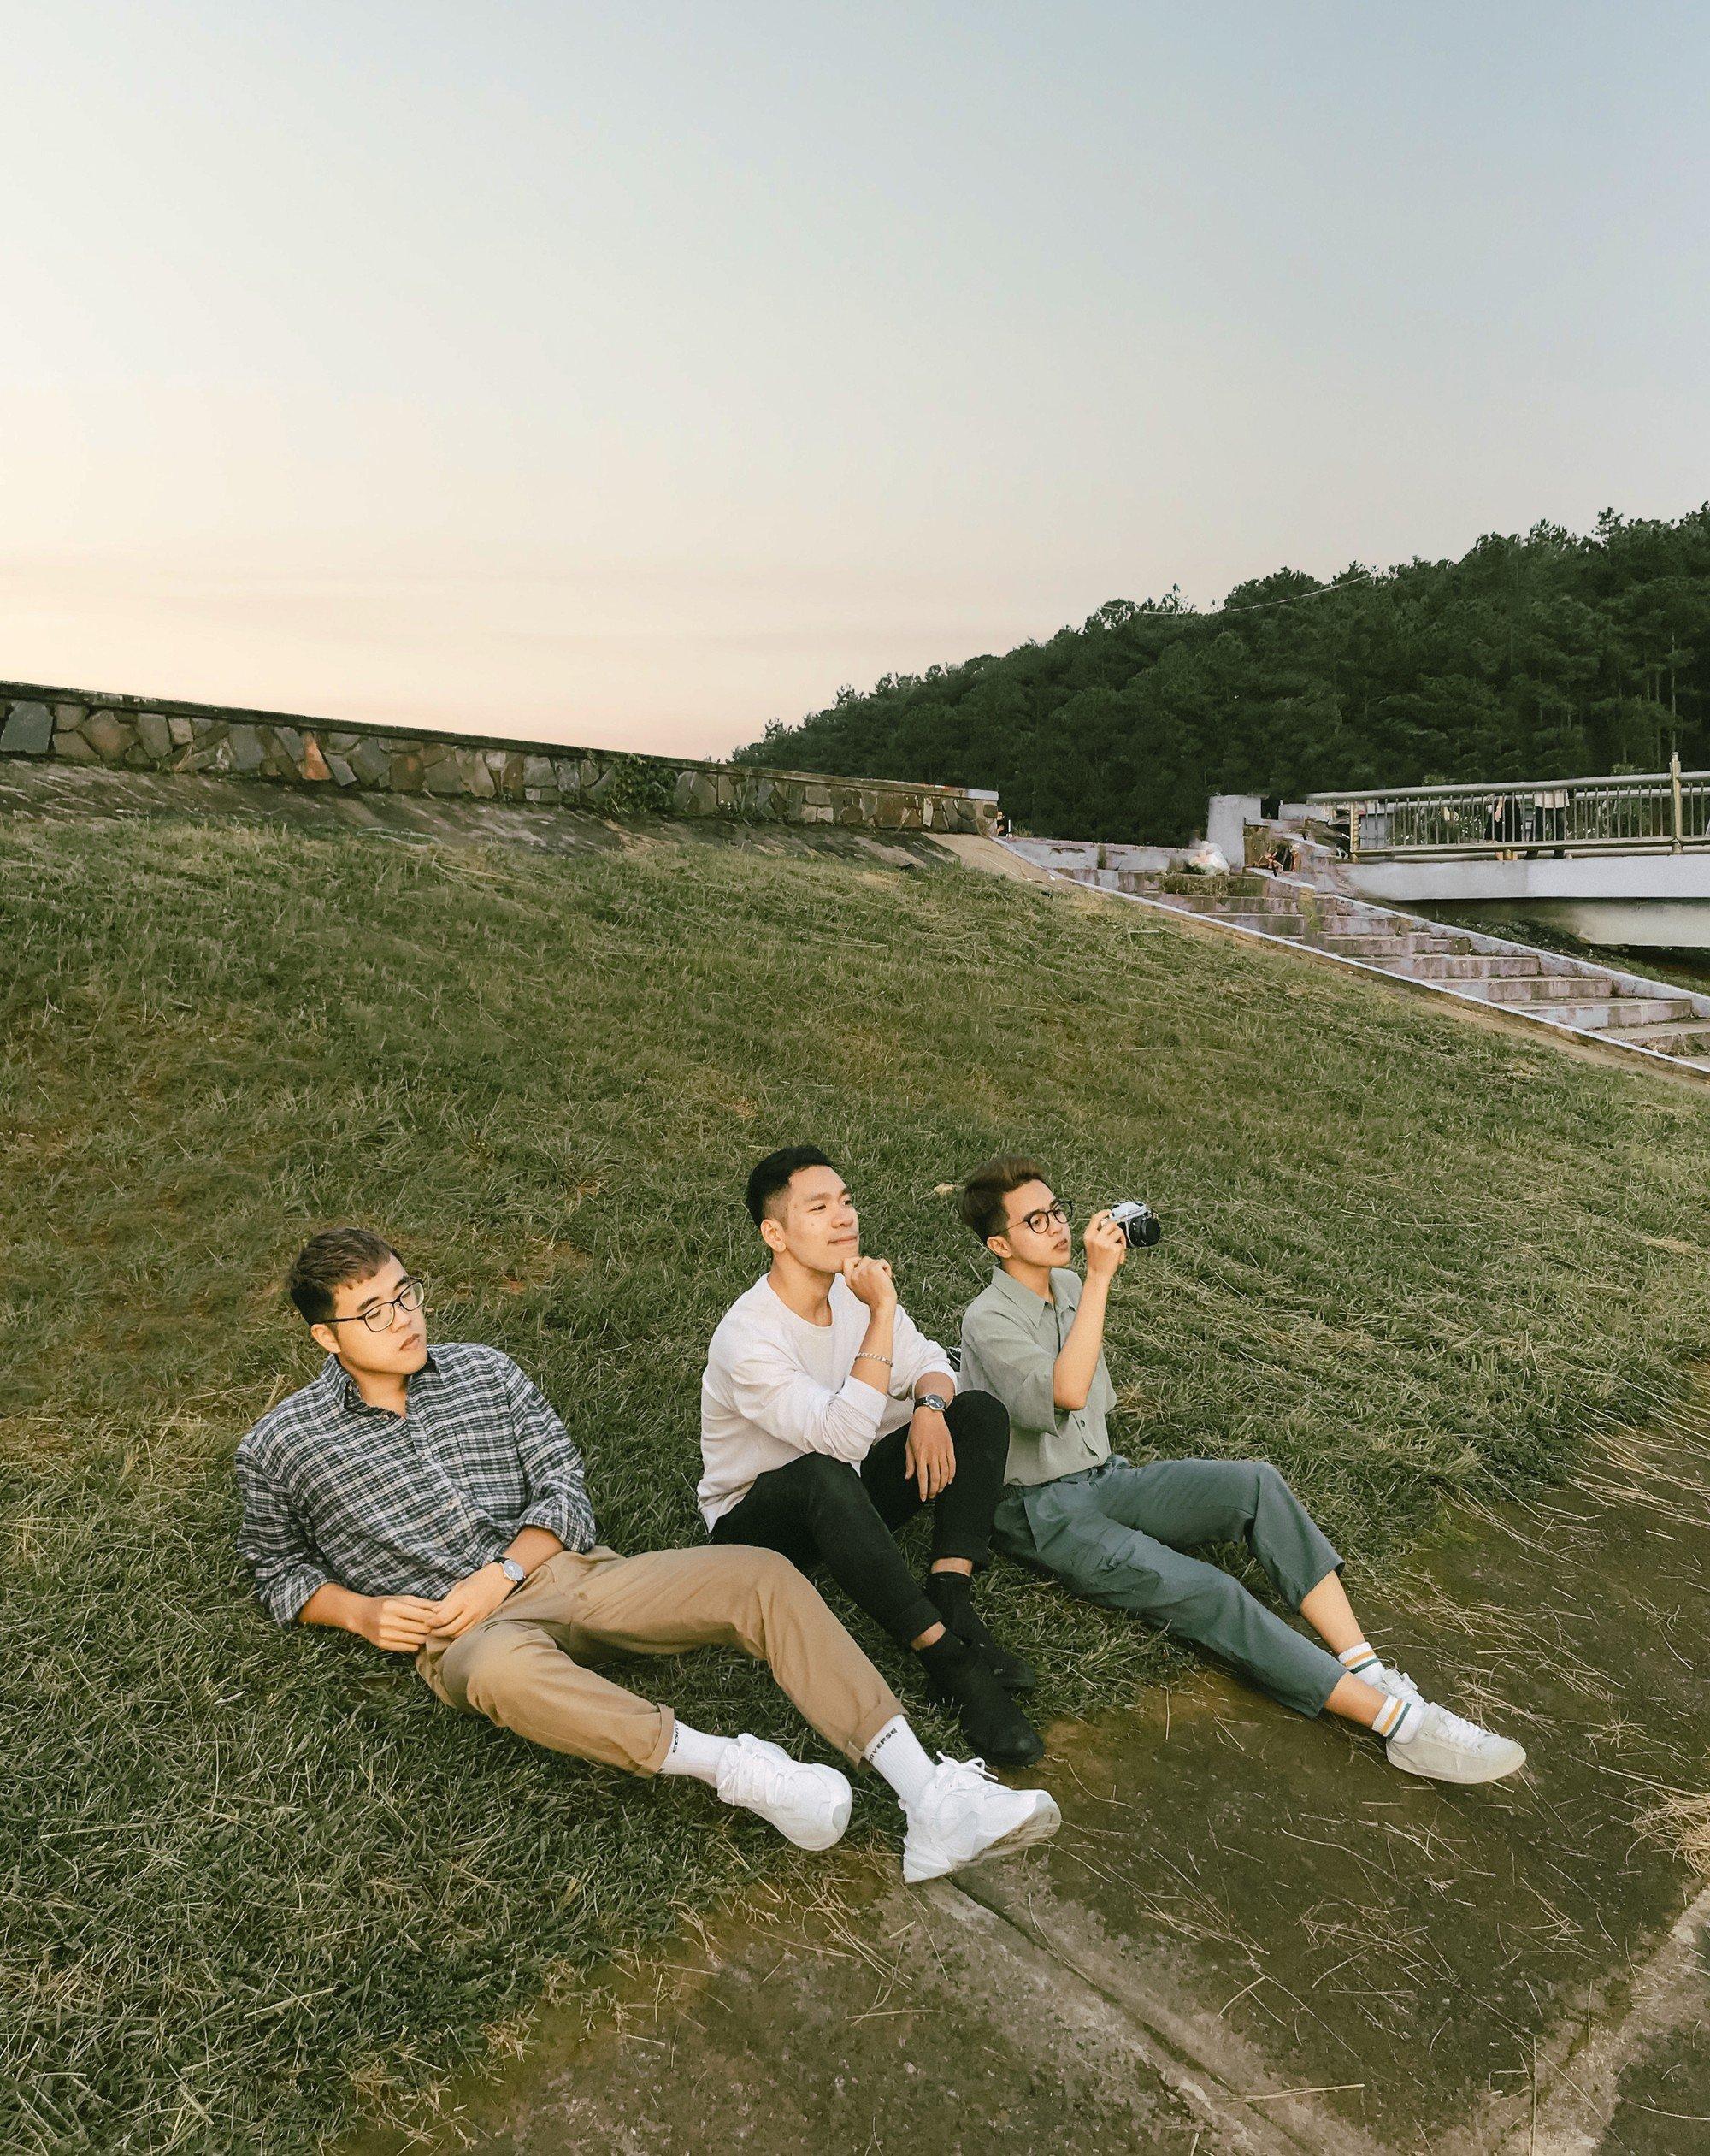 Hội bạn thân 3 miền Bắc - Trung - Nam rủ nhau lên Đà Lạt, chụp ảnh nhóm xuất sắc như bìa tạp chí - Ảnh 2.